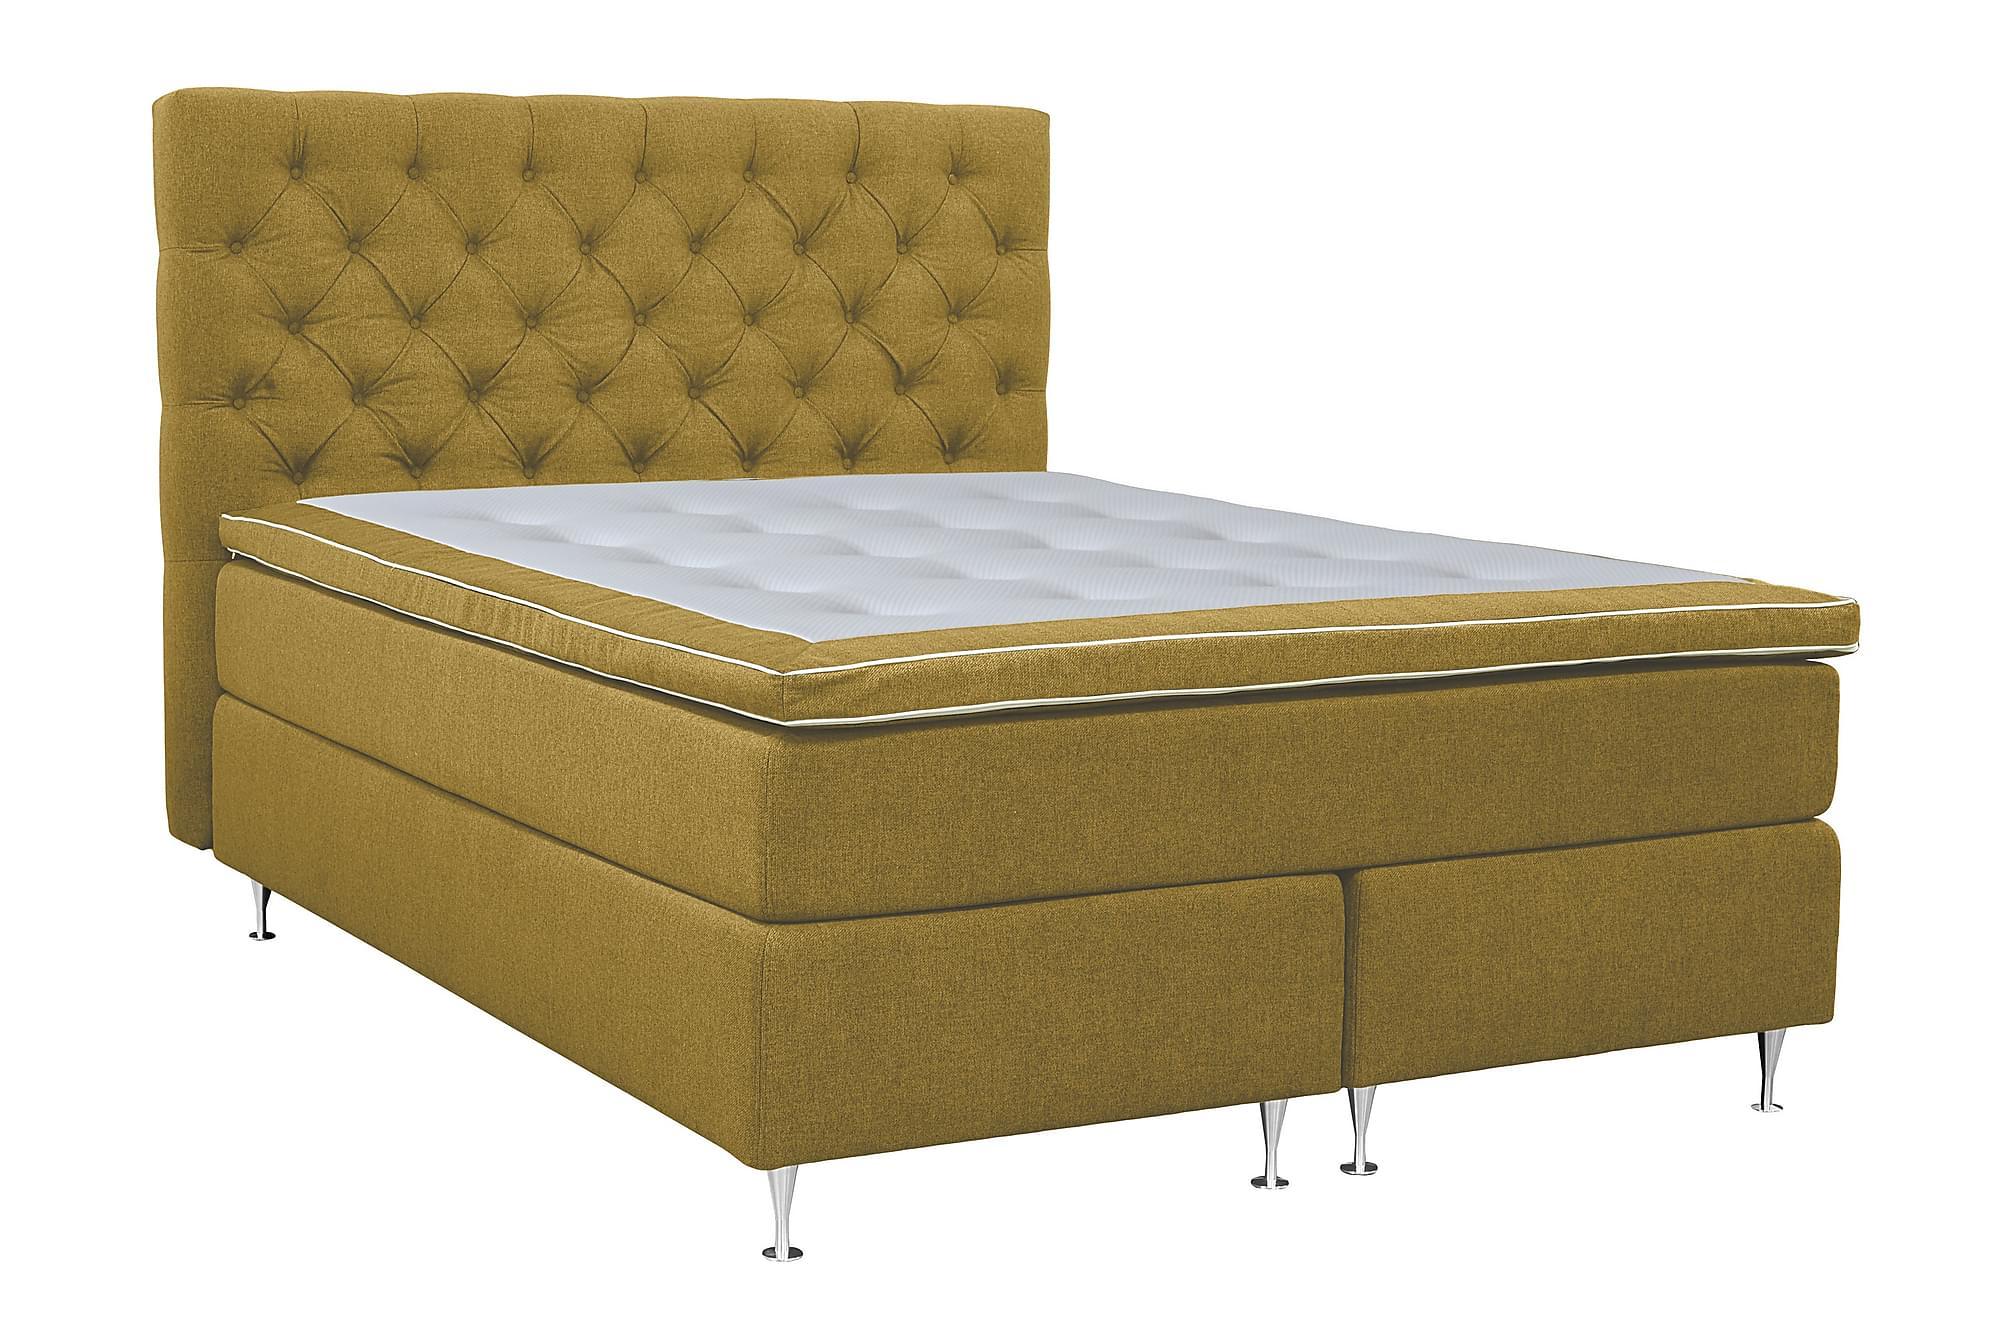 AUGUSTA Sängpaket 180x200 cm, Komplett Sängpaket